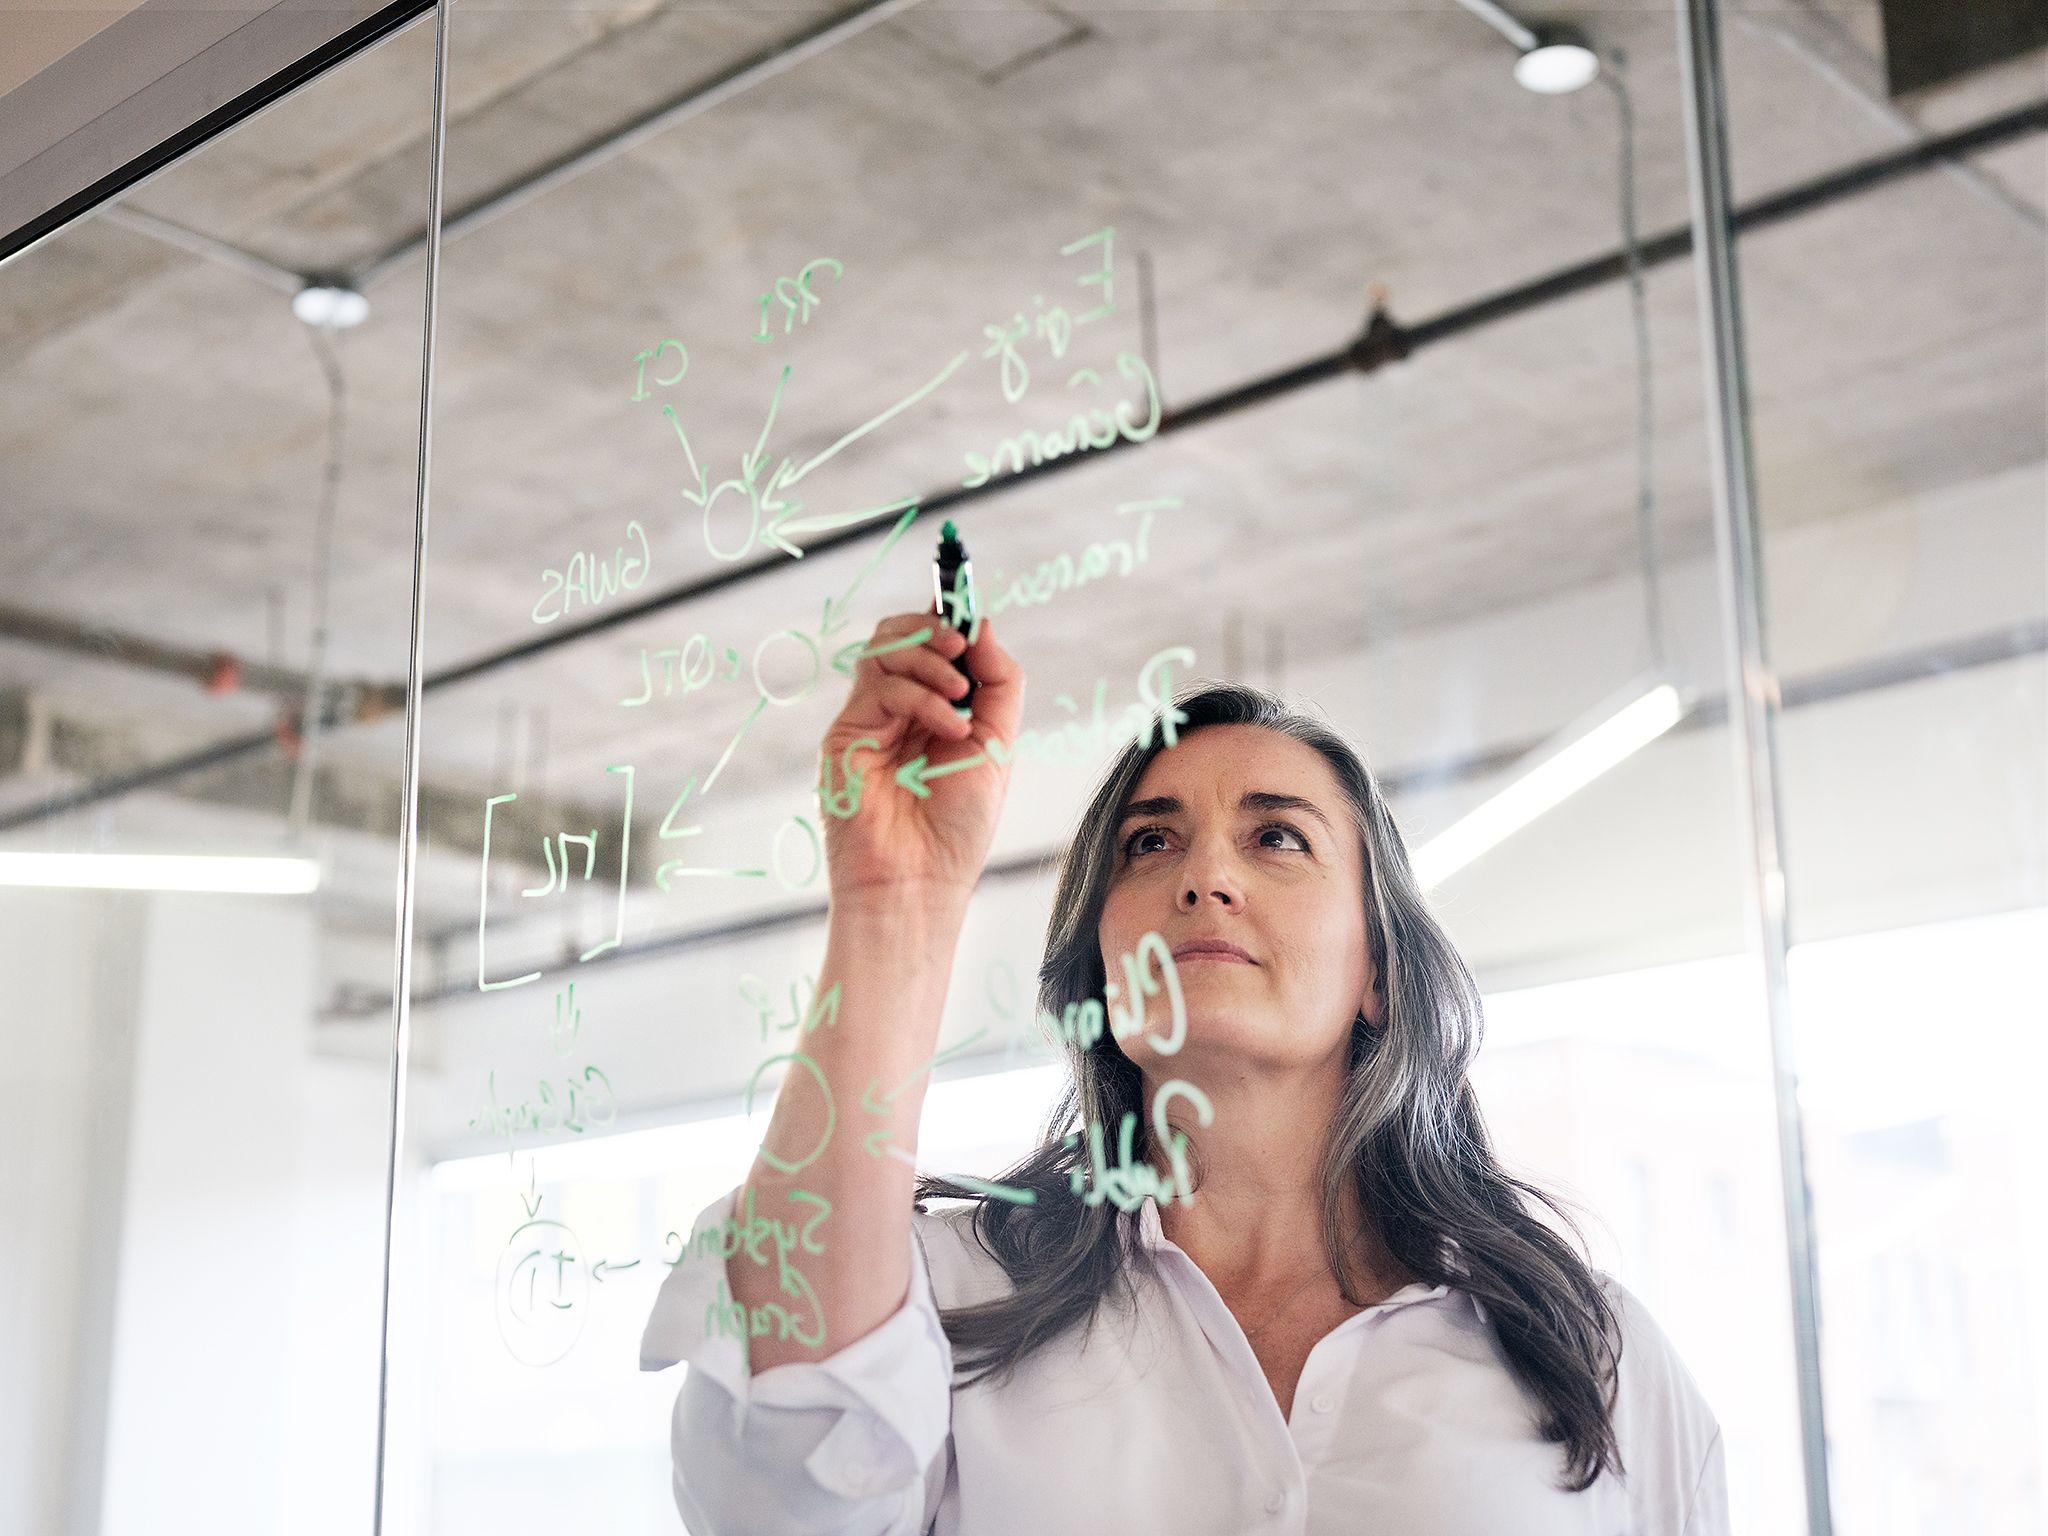 madame écrivant sur une tableau transparent de plastique